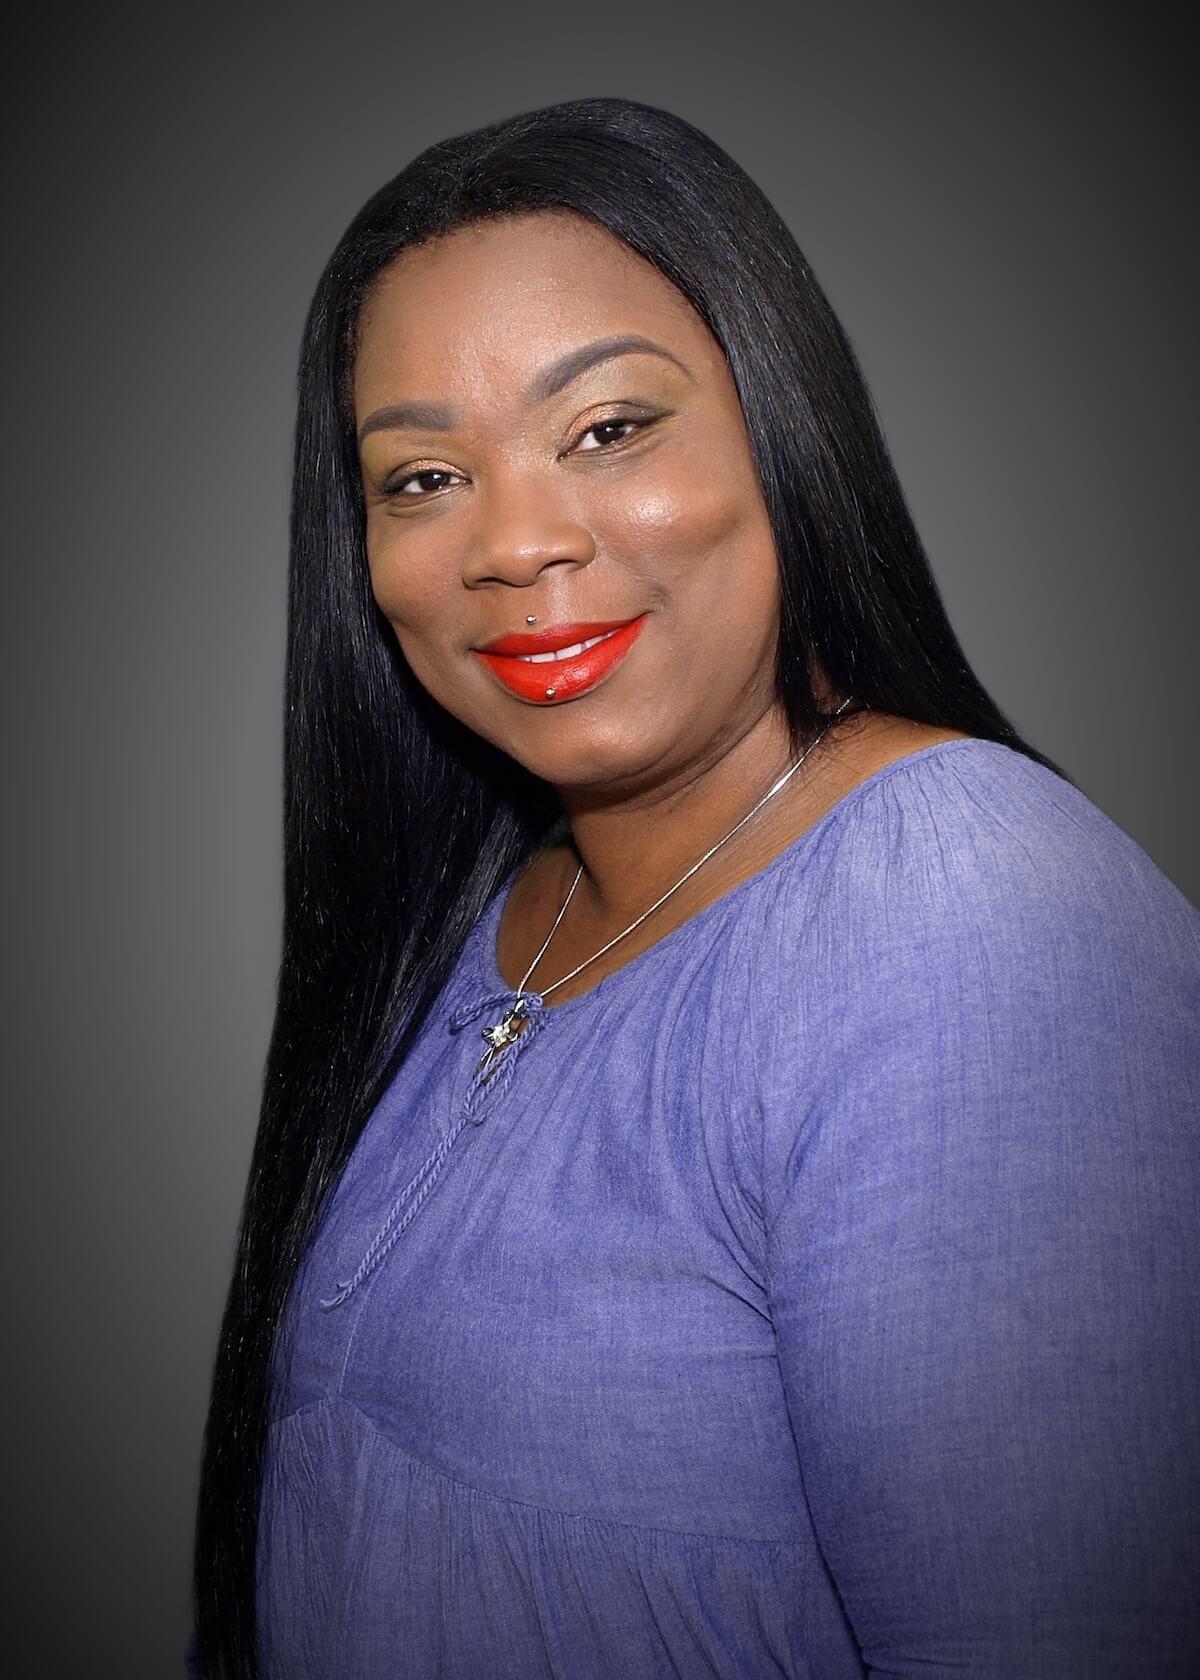 Latoya Carter